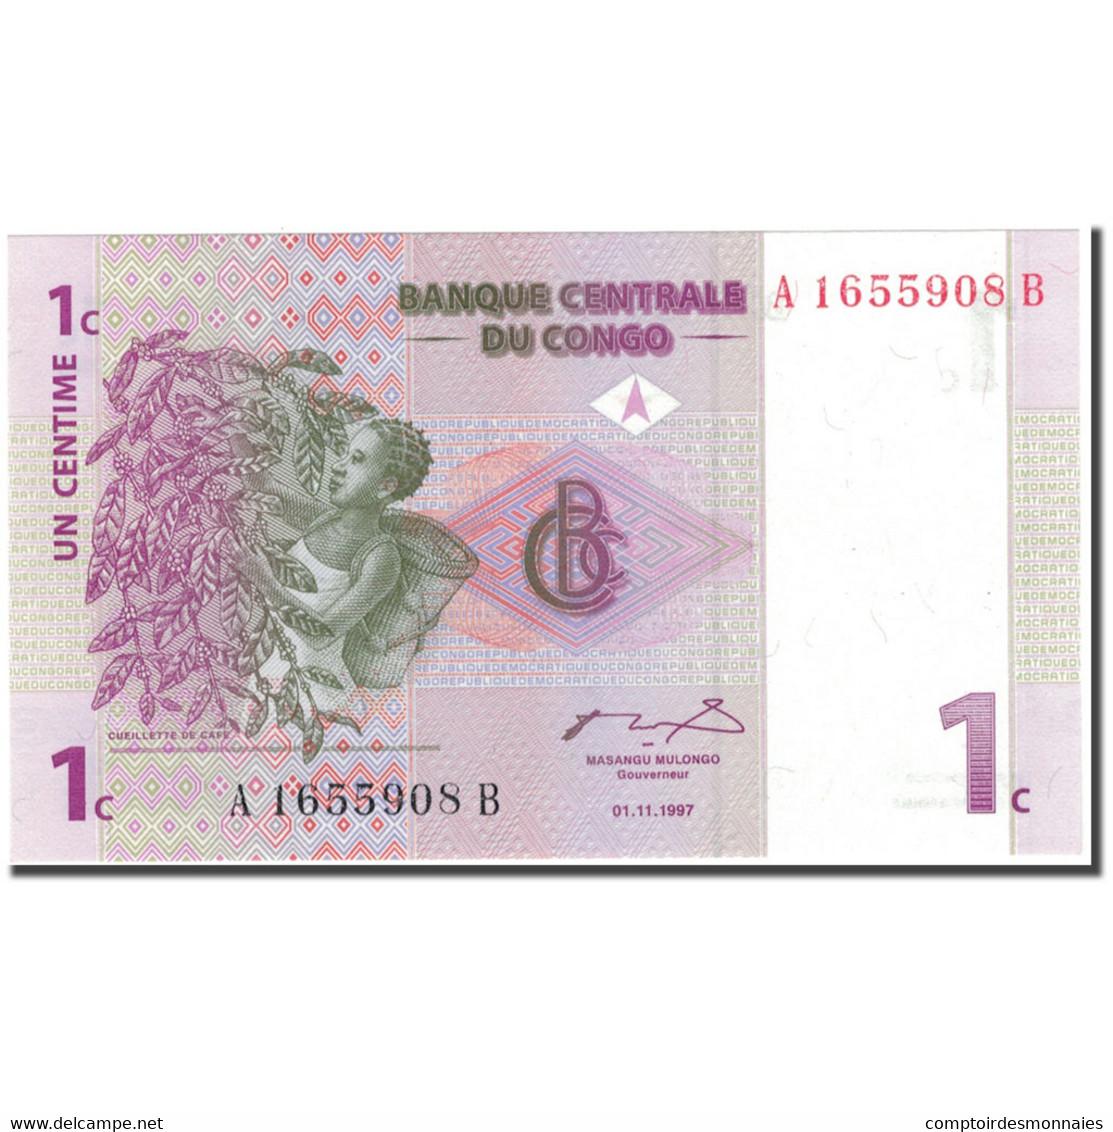 Billet, Congo Democratic Republic, 1 Centime, 1997-11-01, KM:80a, NEUF - Republic Of Congo (Congo-Brazzaville)